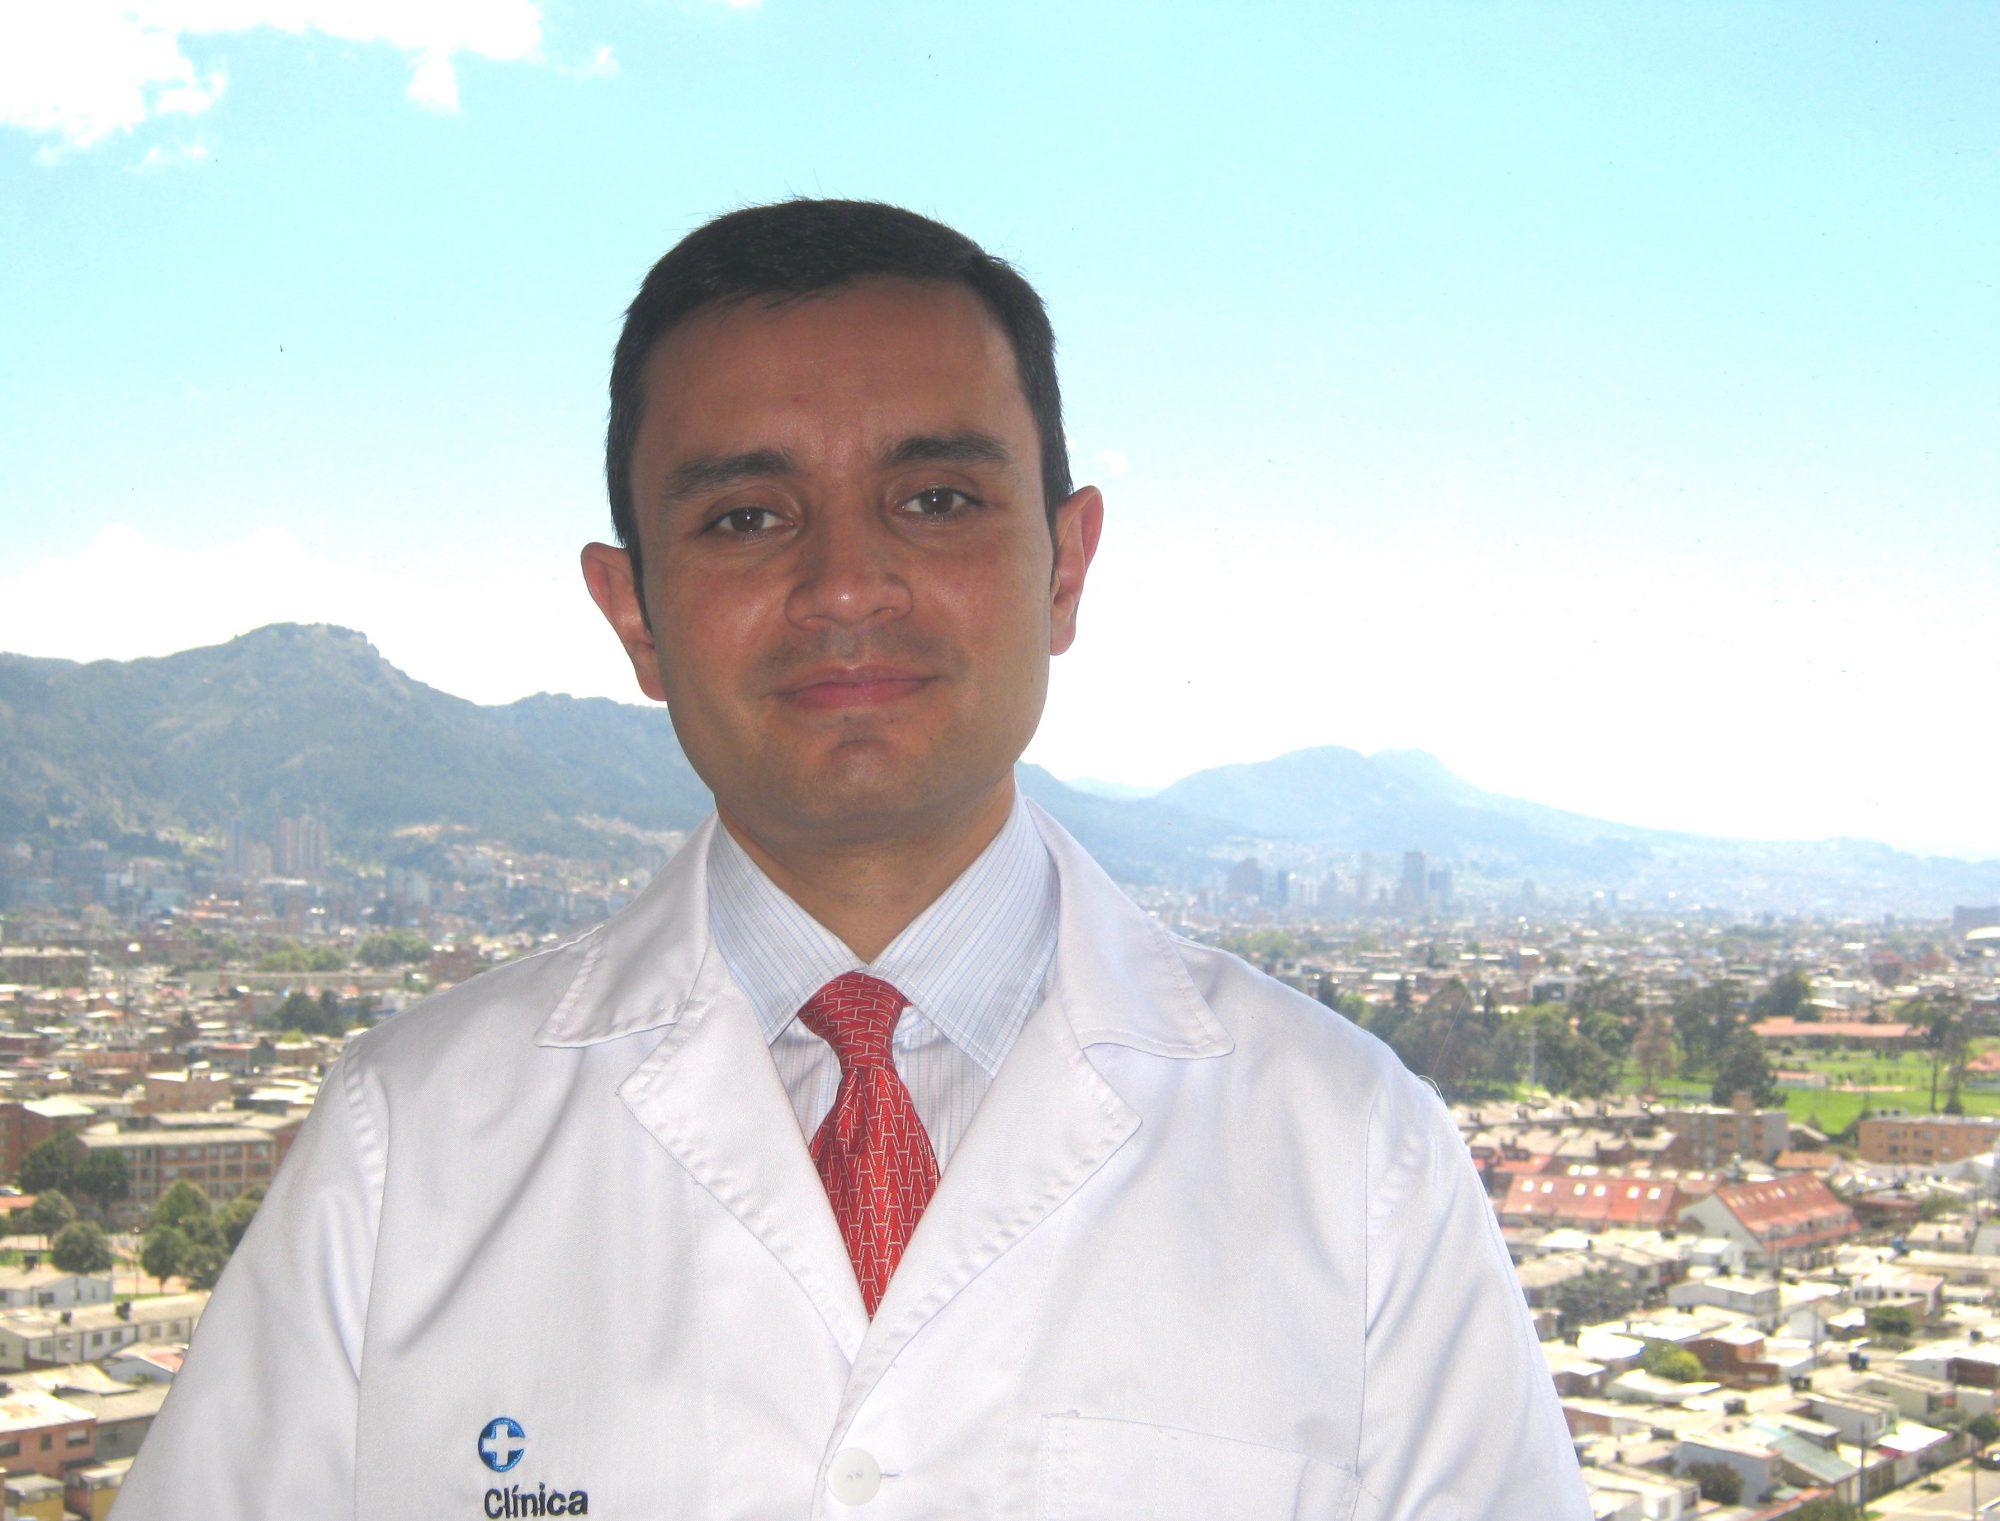 Picazón en el Pene - Médicos Líderes | Cirugía Plástica en